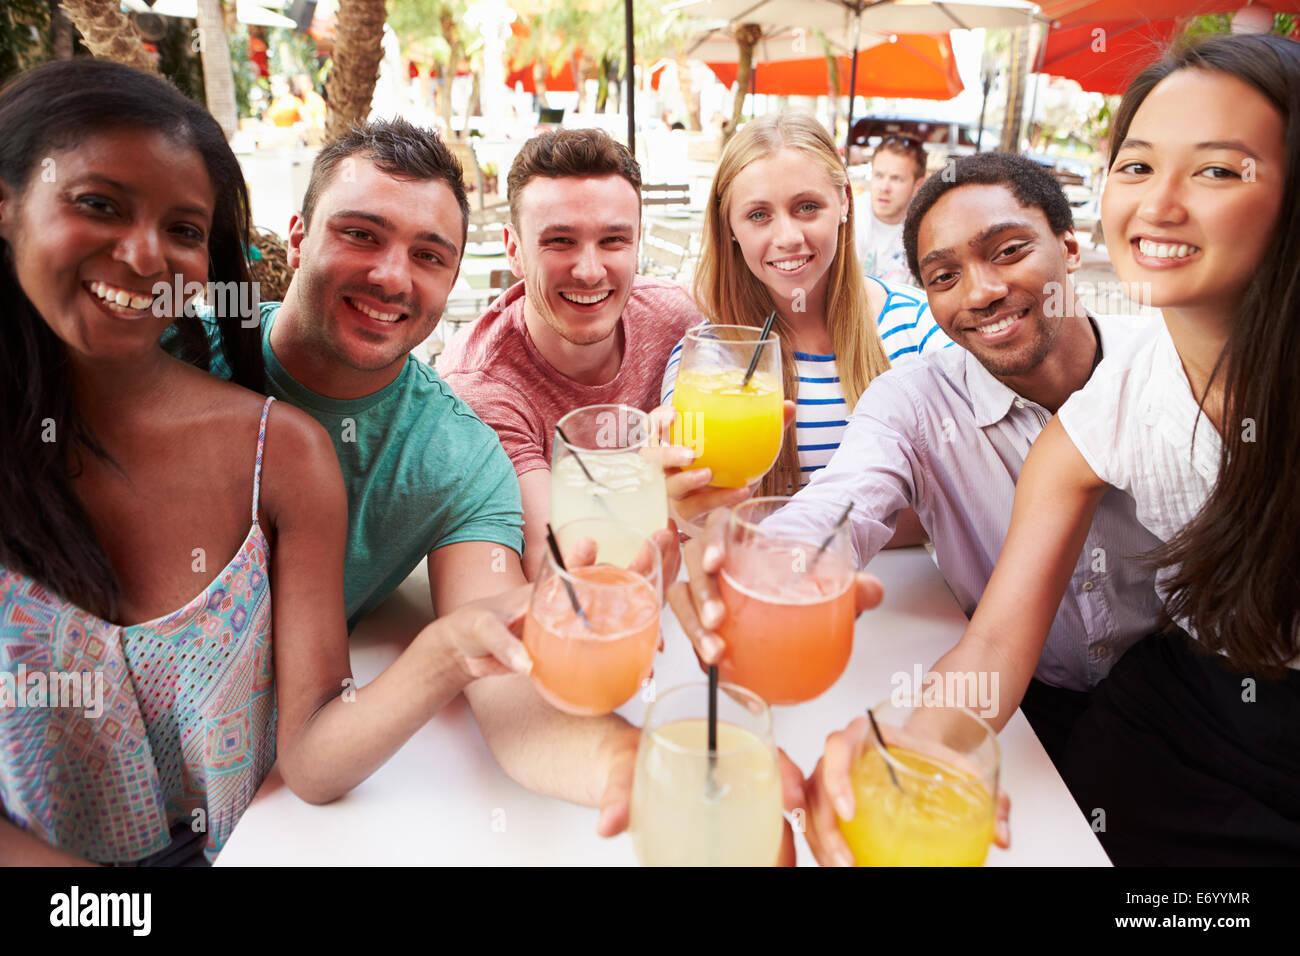 Gruppe von Freunden genießen Sie Getränke im Restaurant unter freiem Himmel Stockbild